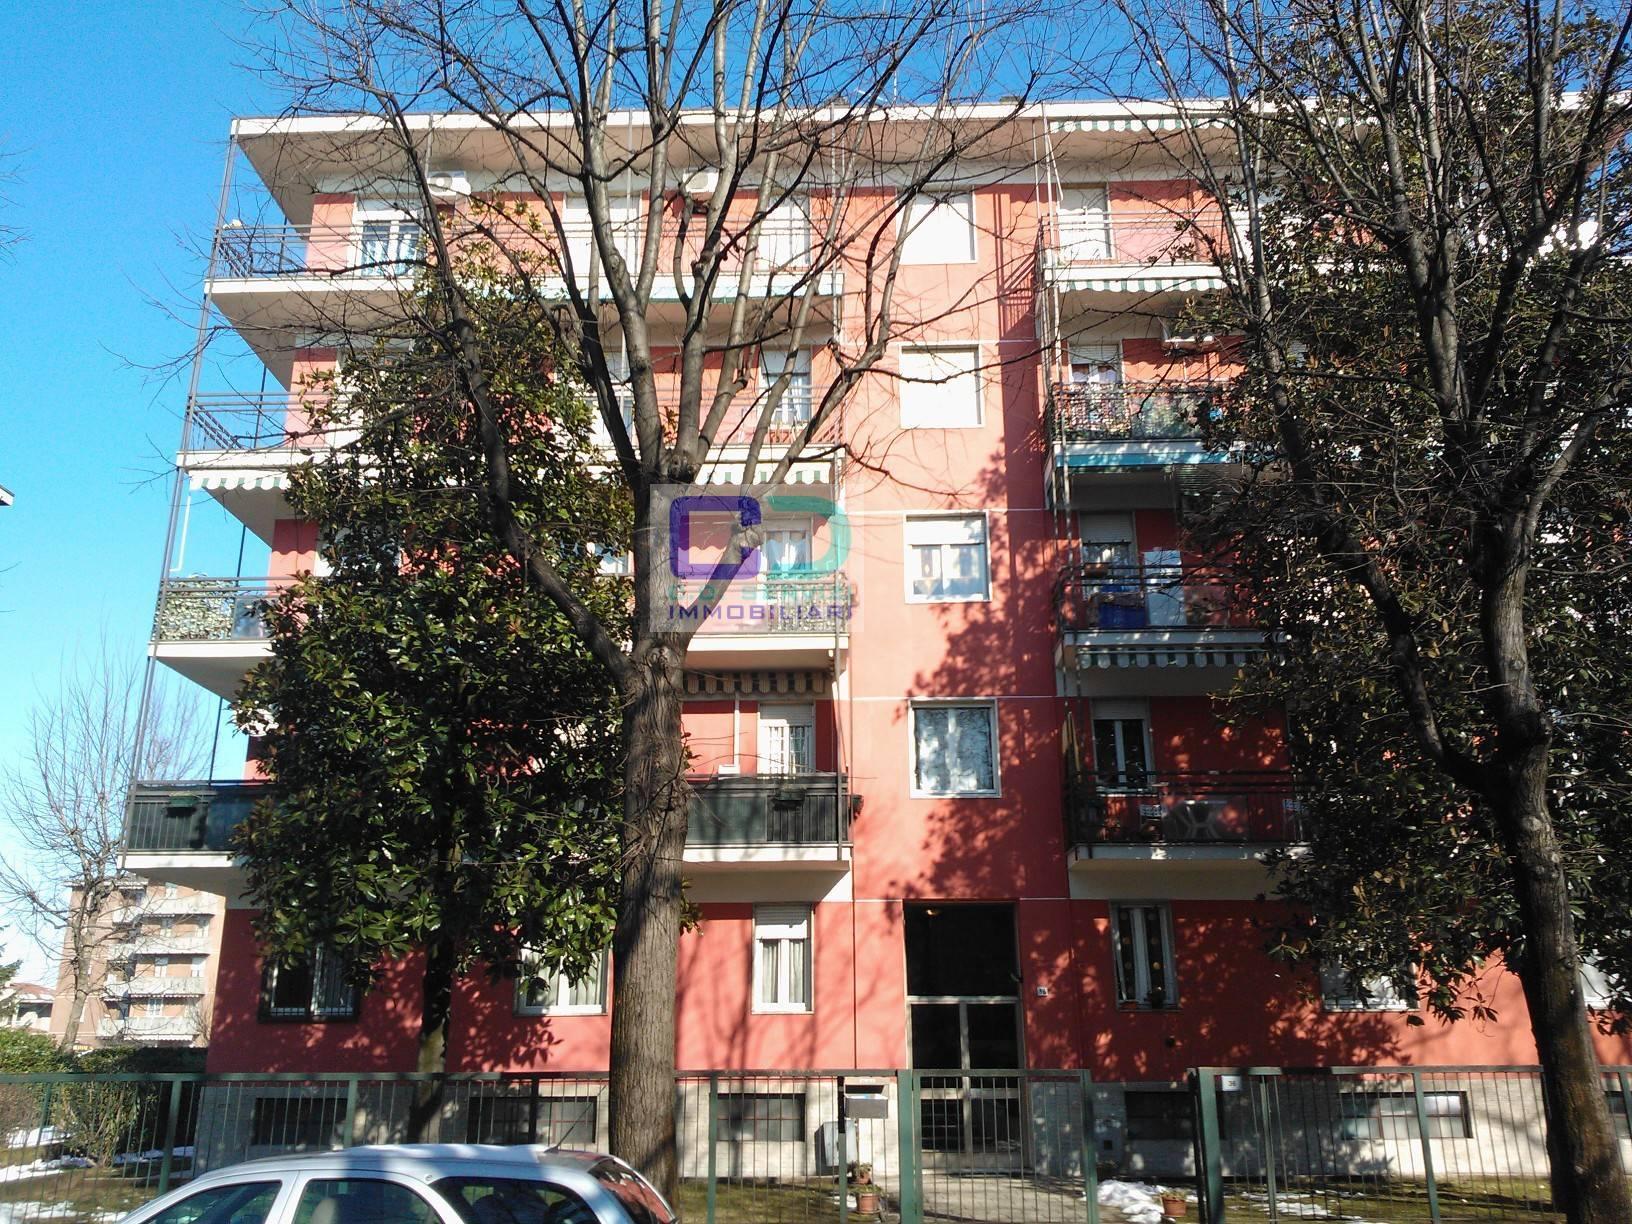 Appartamento in vendita a Cassano d'Adda, 2 locali, prezzo € 98.000 | PortaleAgenzieImmobiliari.it